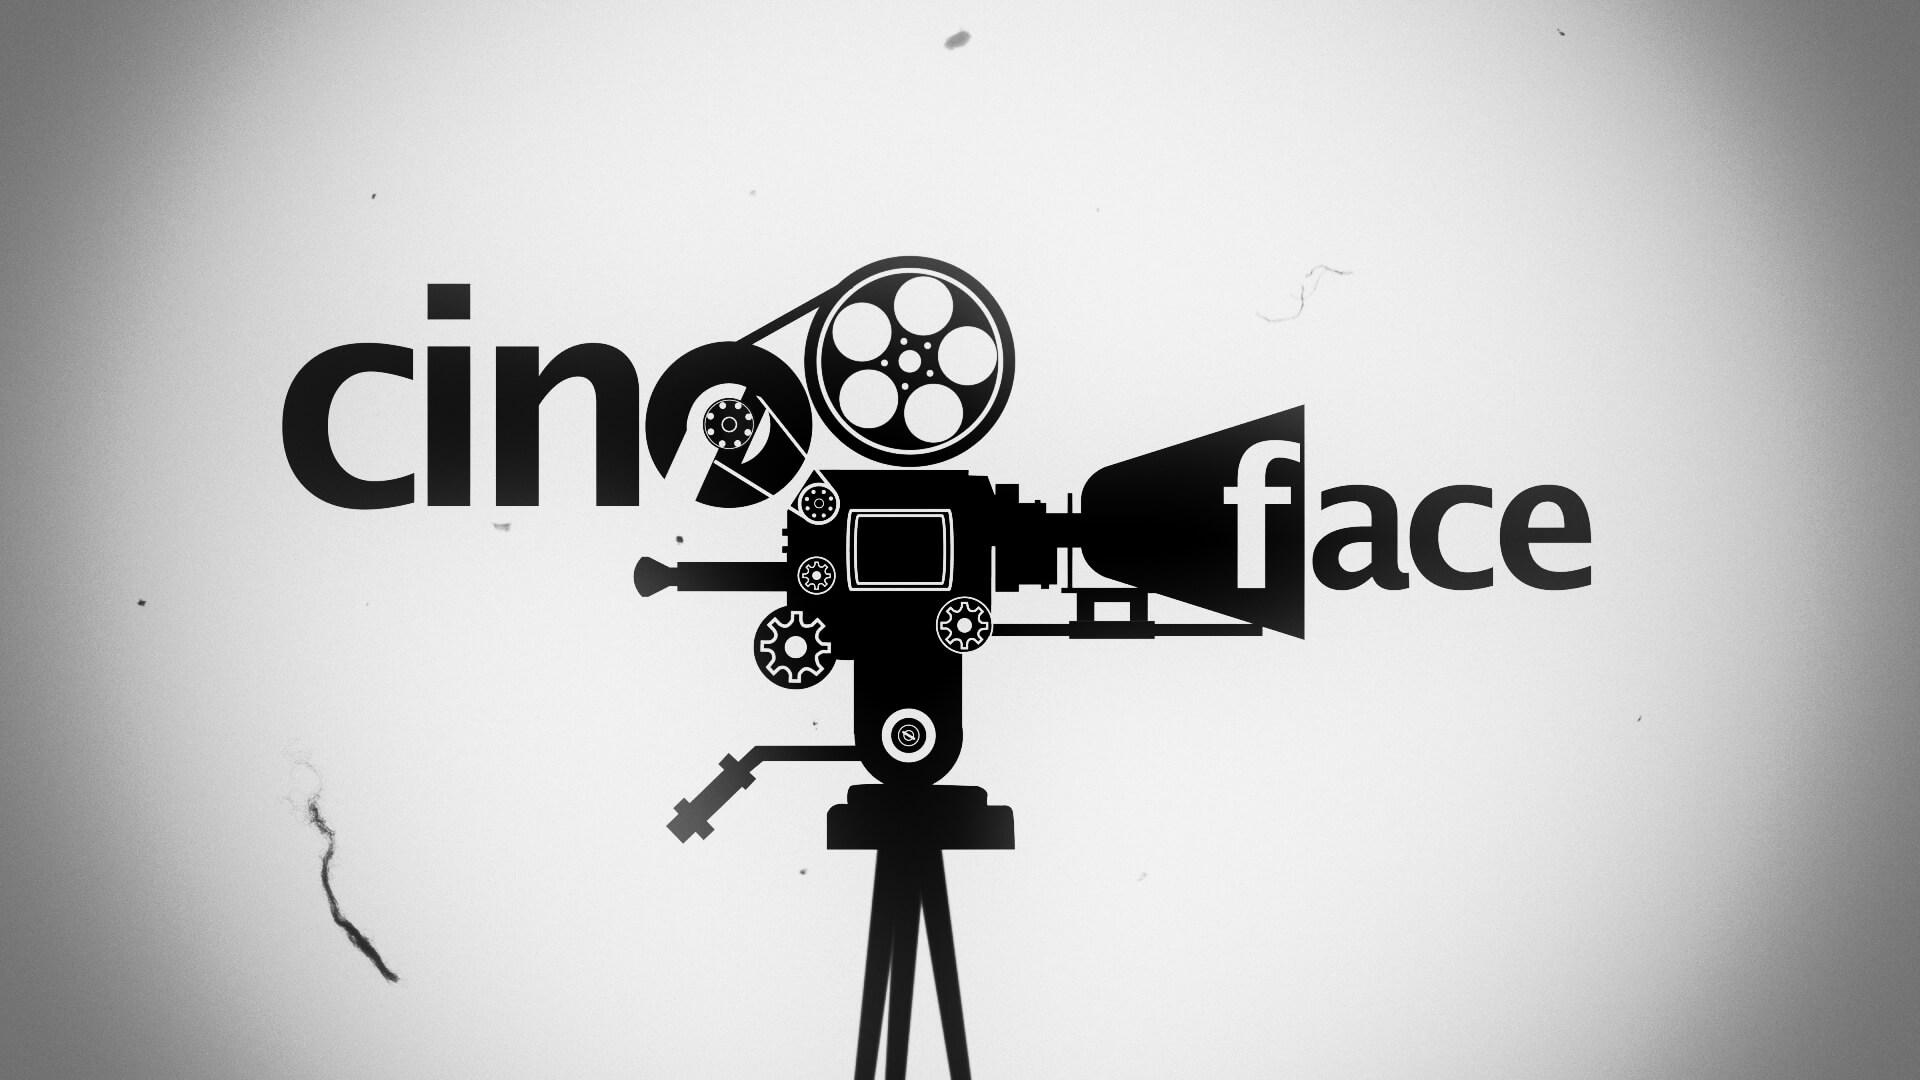 CineFace